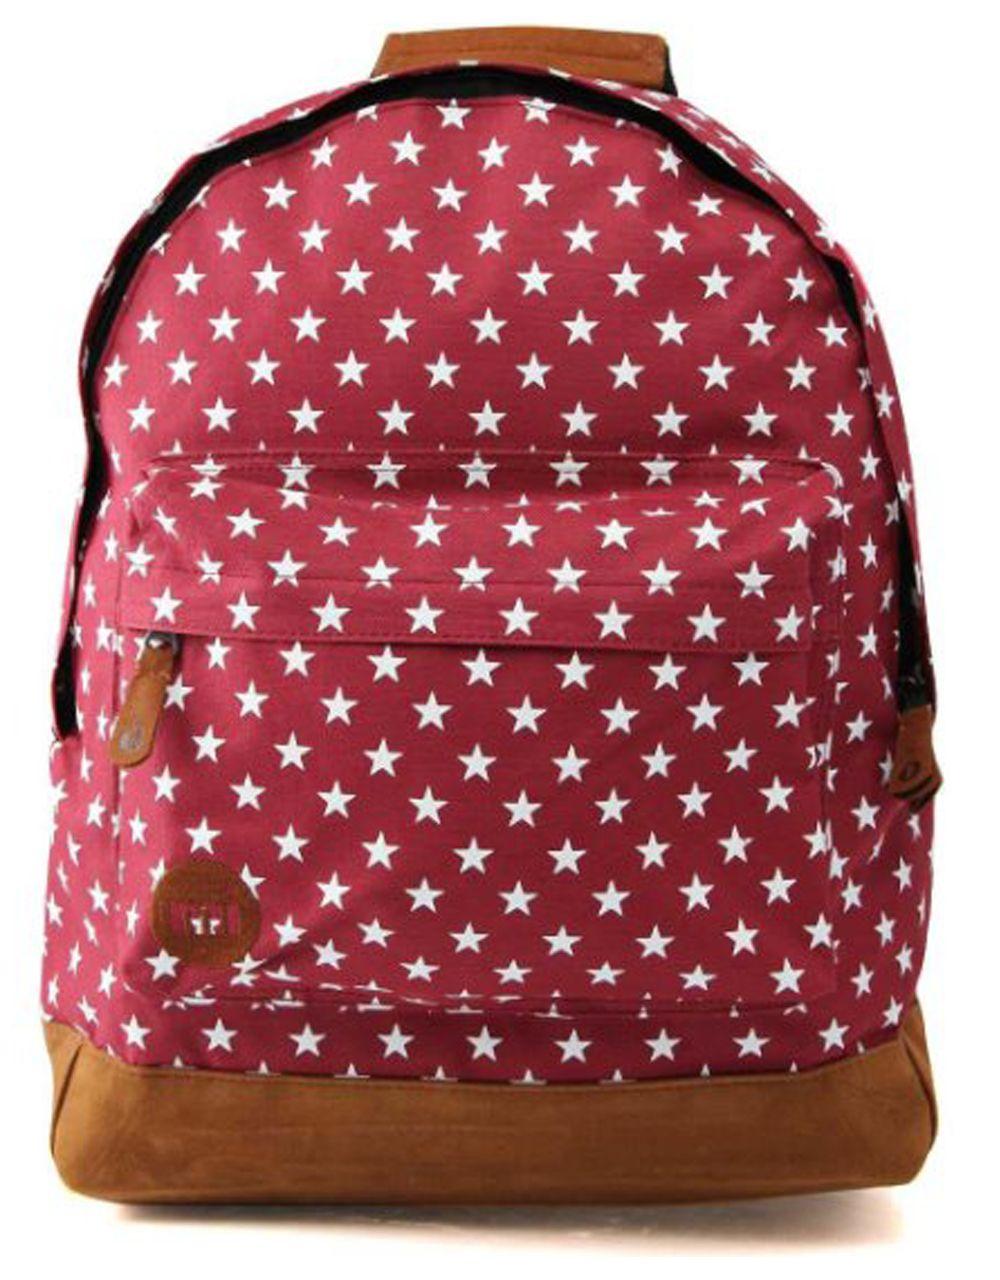 Mi рюкзаки купить в москве рюкзаки для детей оптом